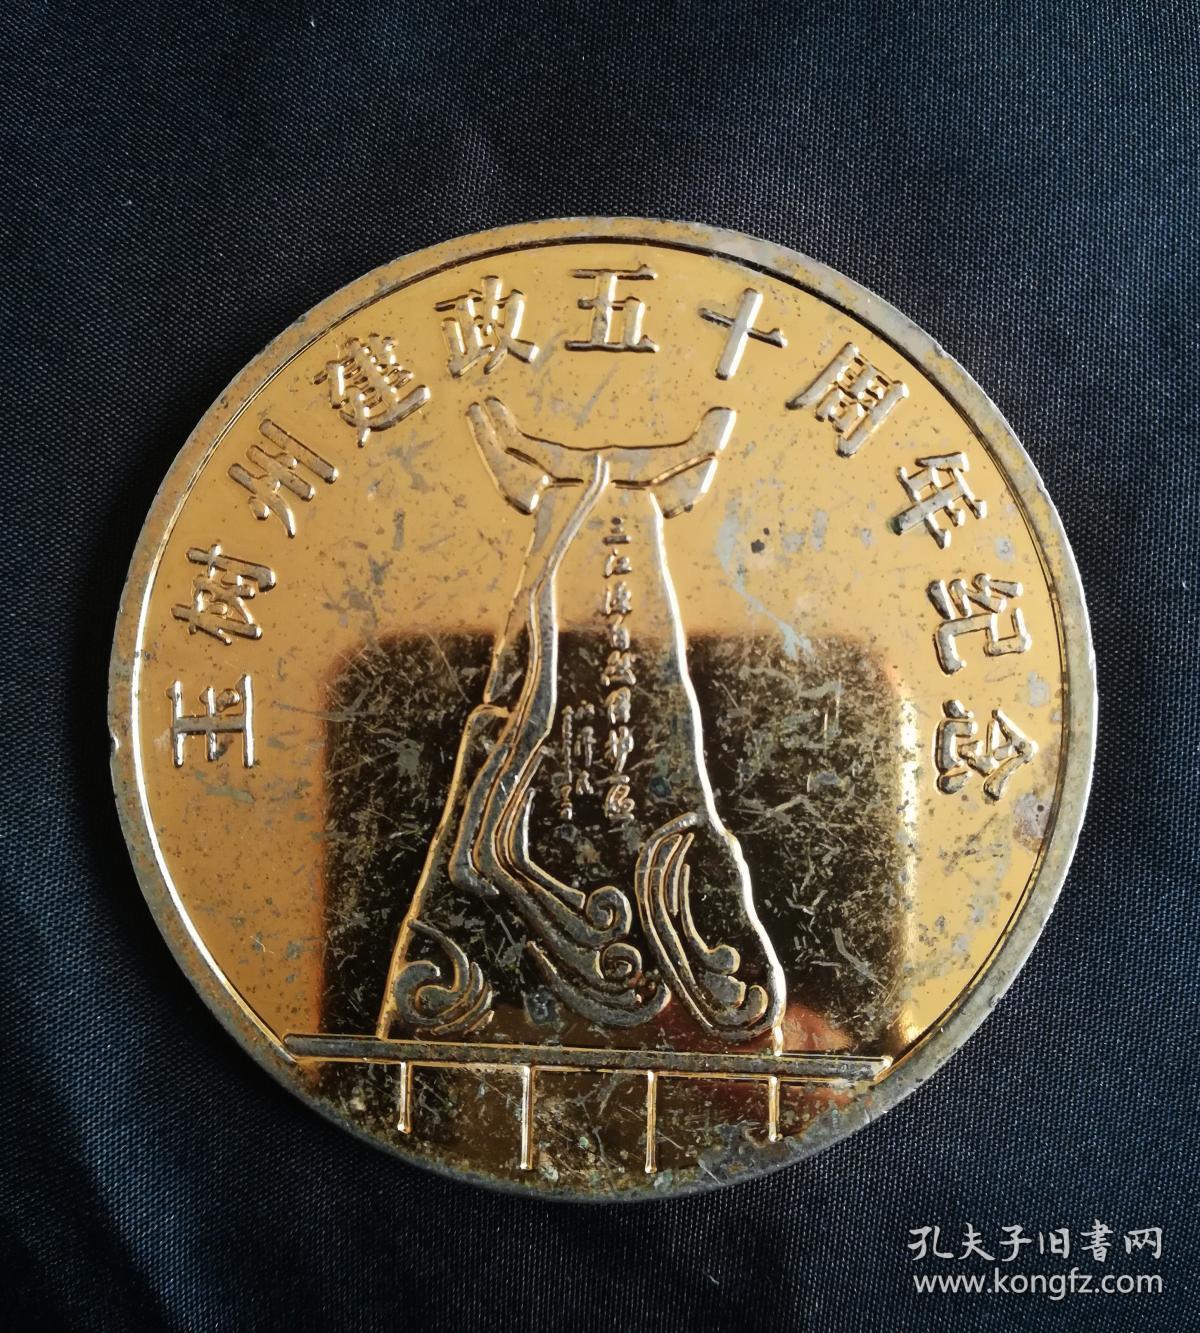 2001年,青海玉树州建政五十周年纪念大铜章